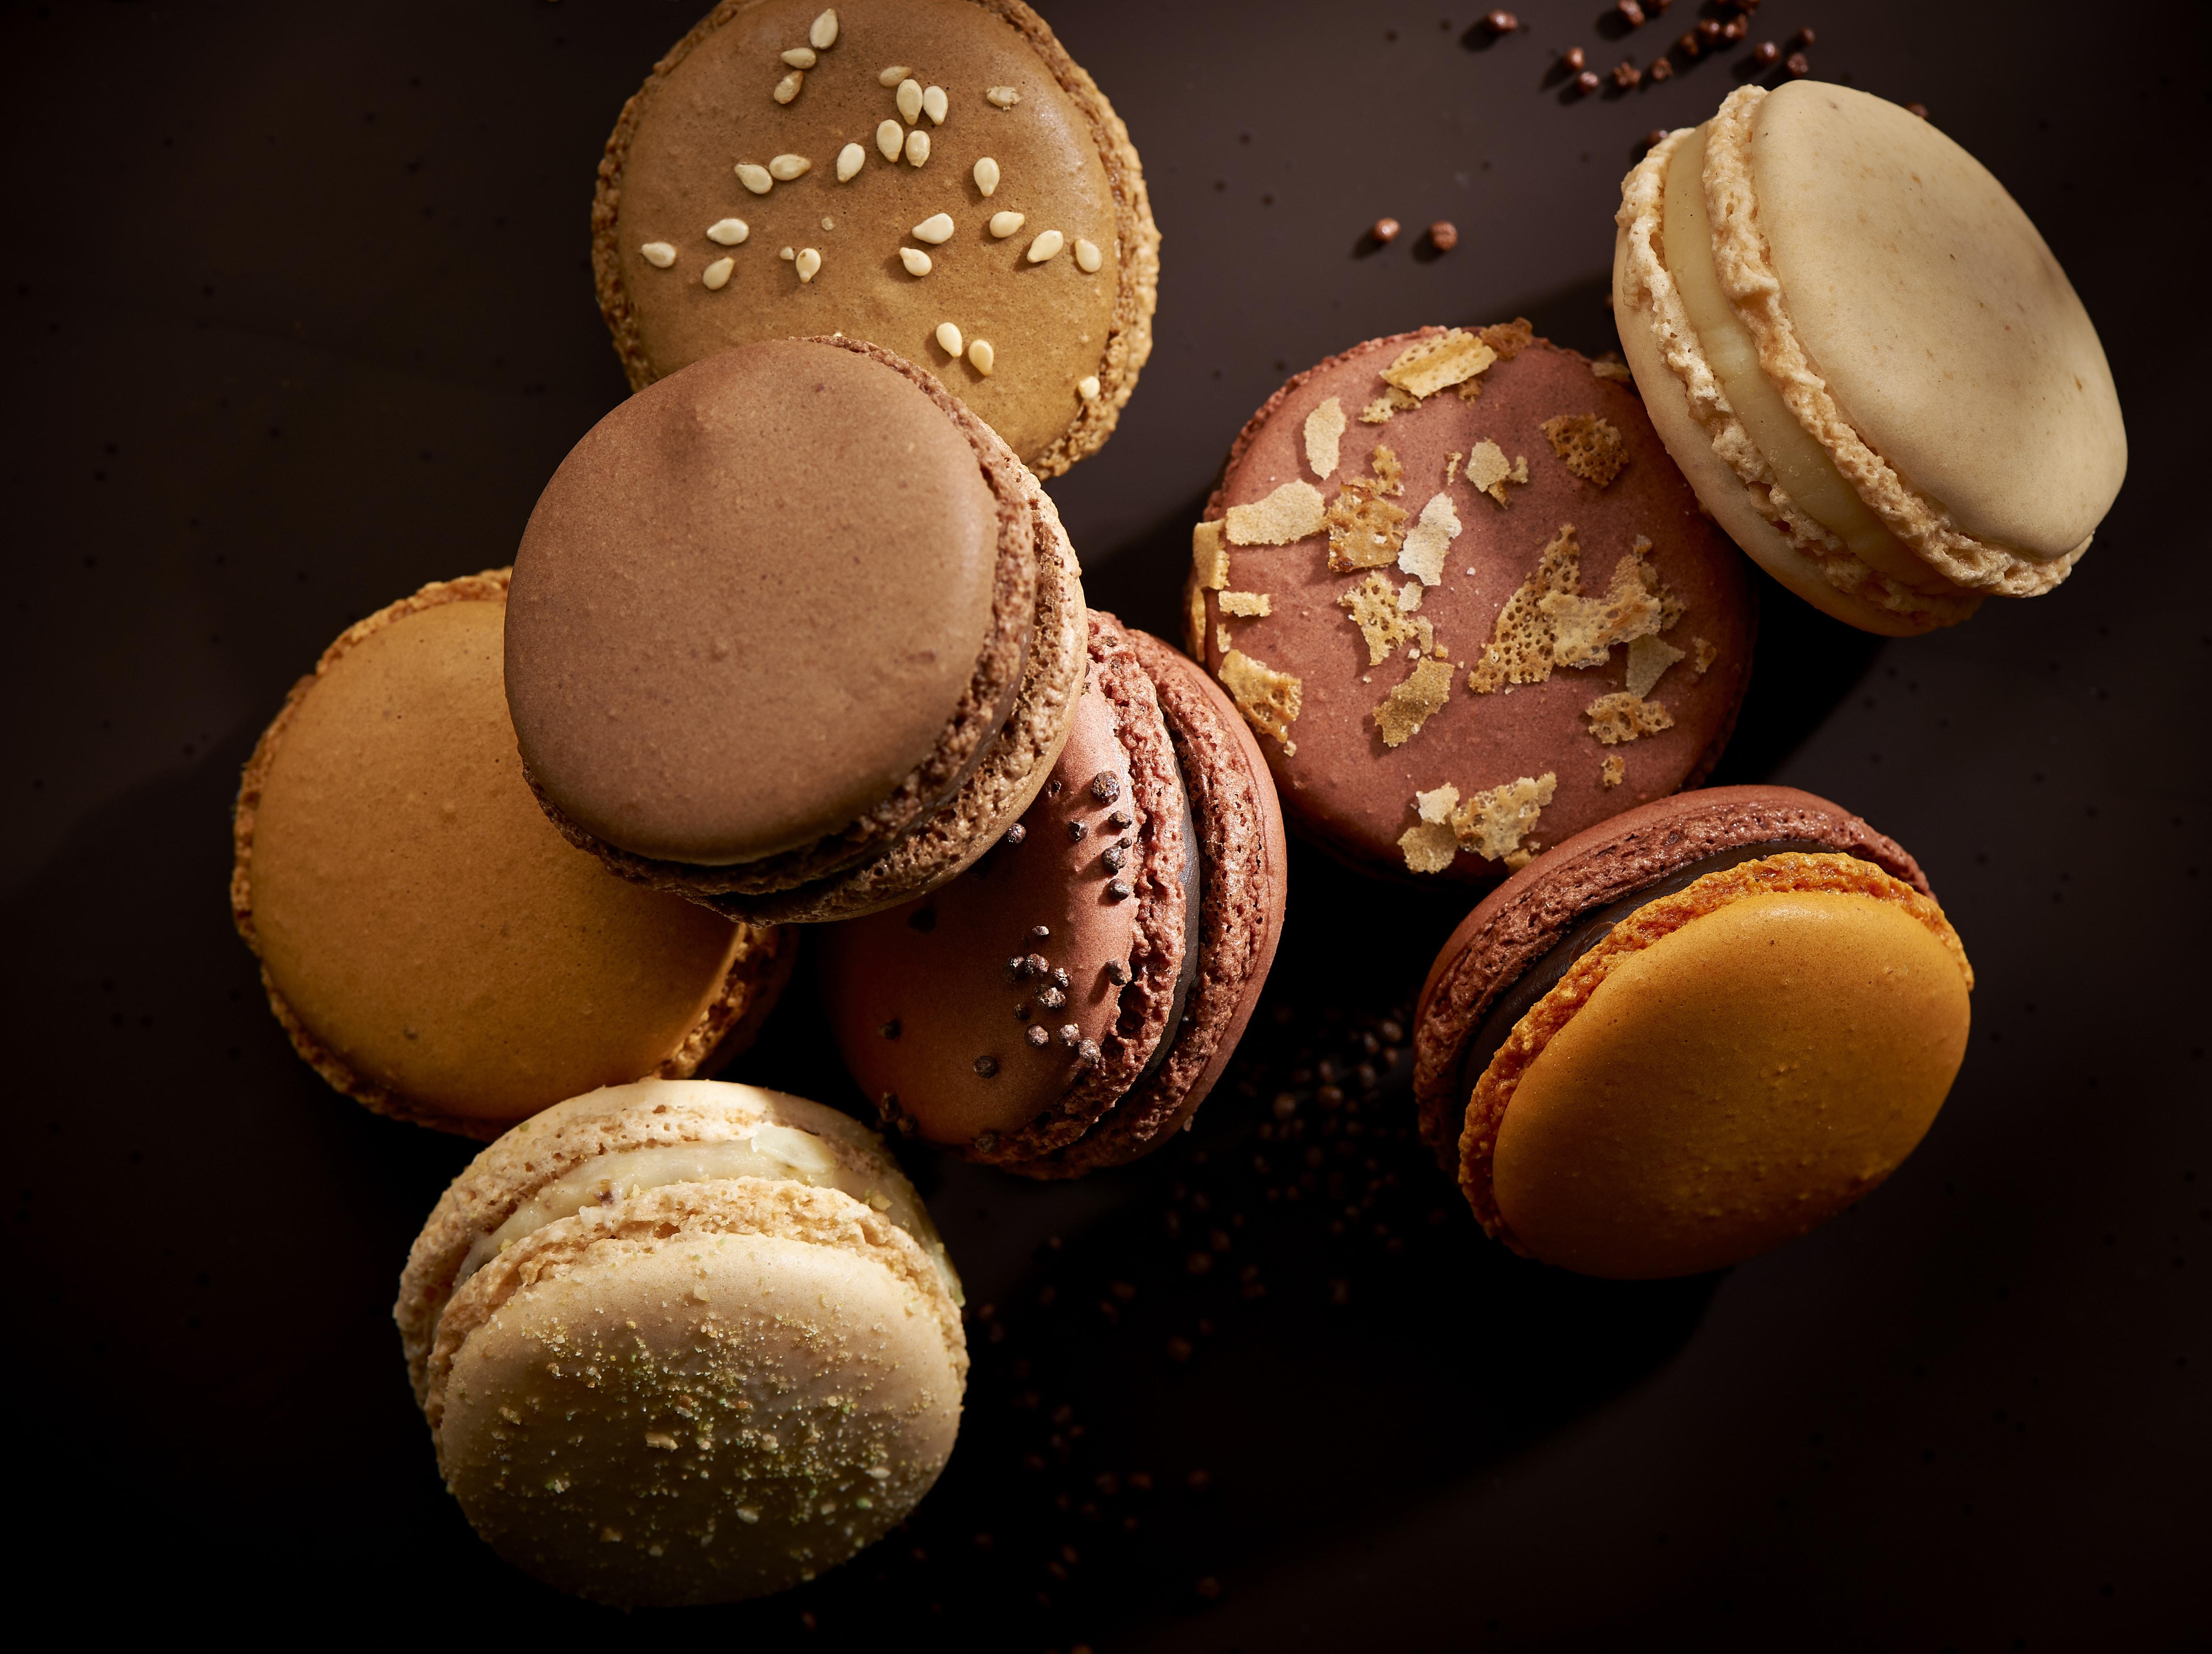 Les macarons Maison Caffet, du bonheur, du bonheur et encore du bonheur !